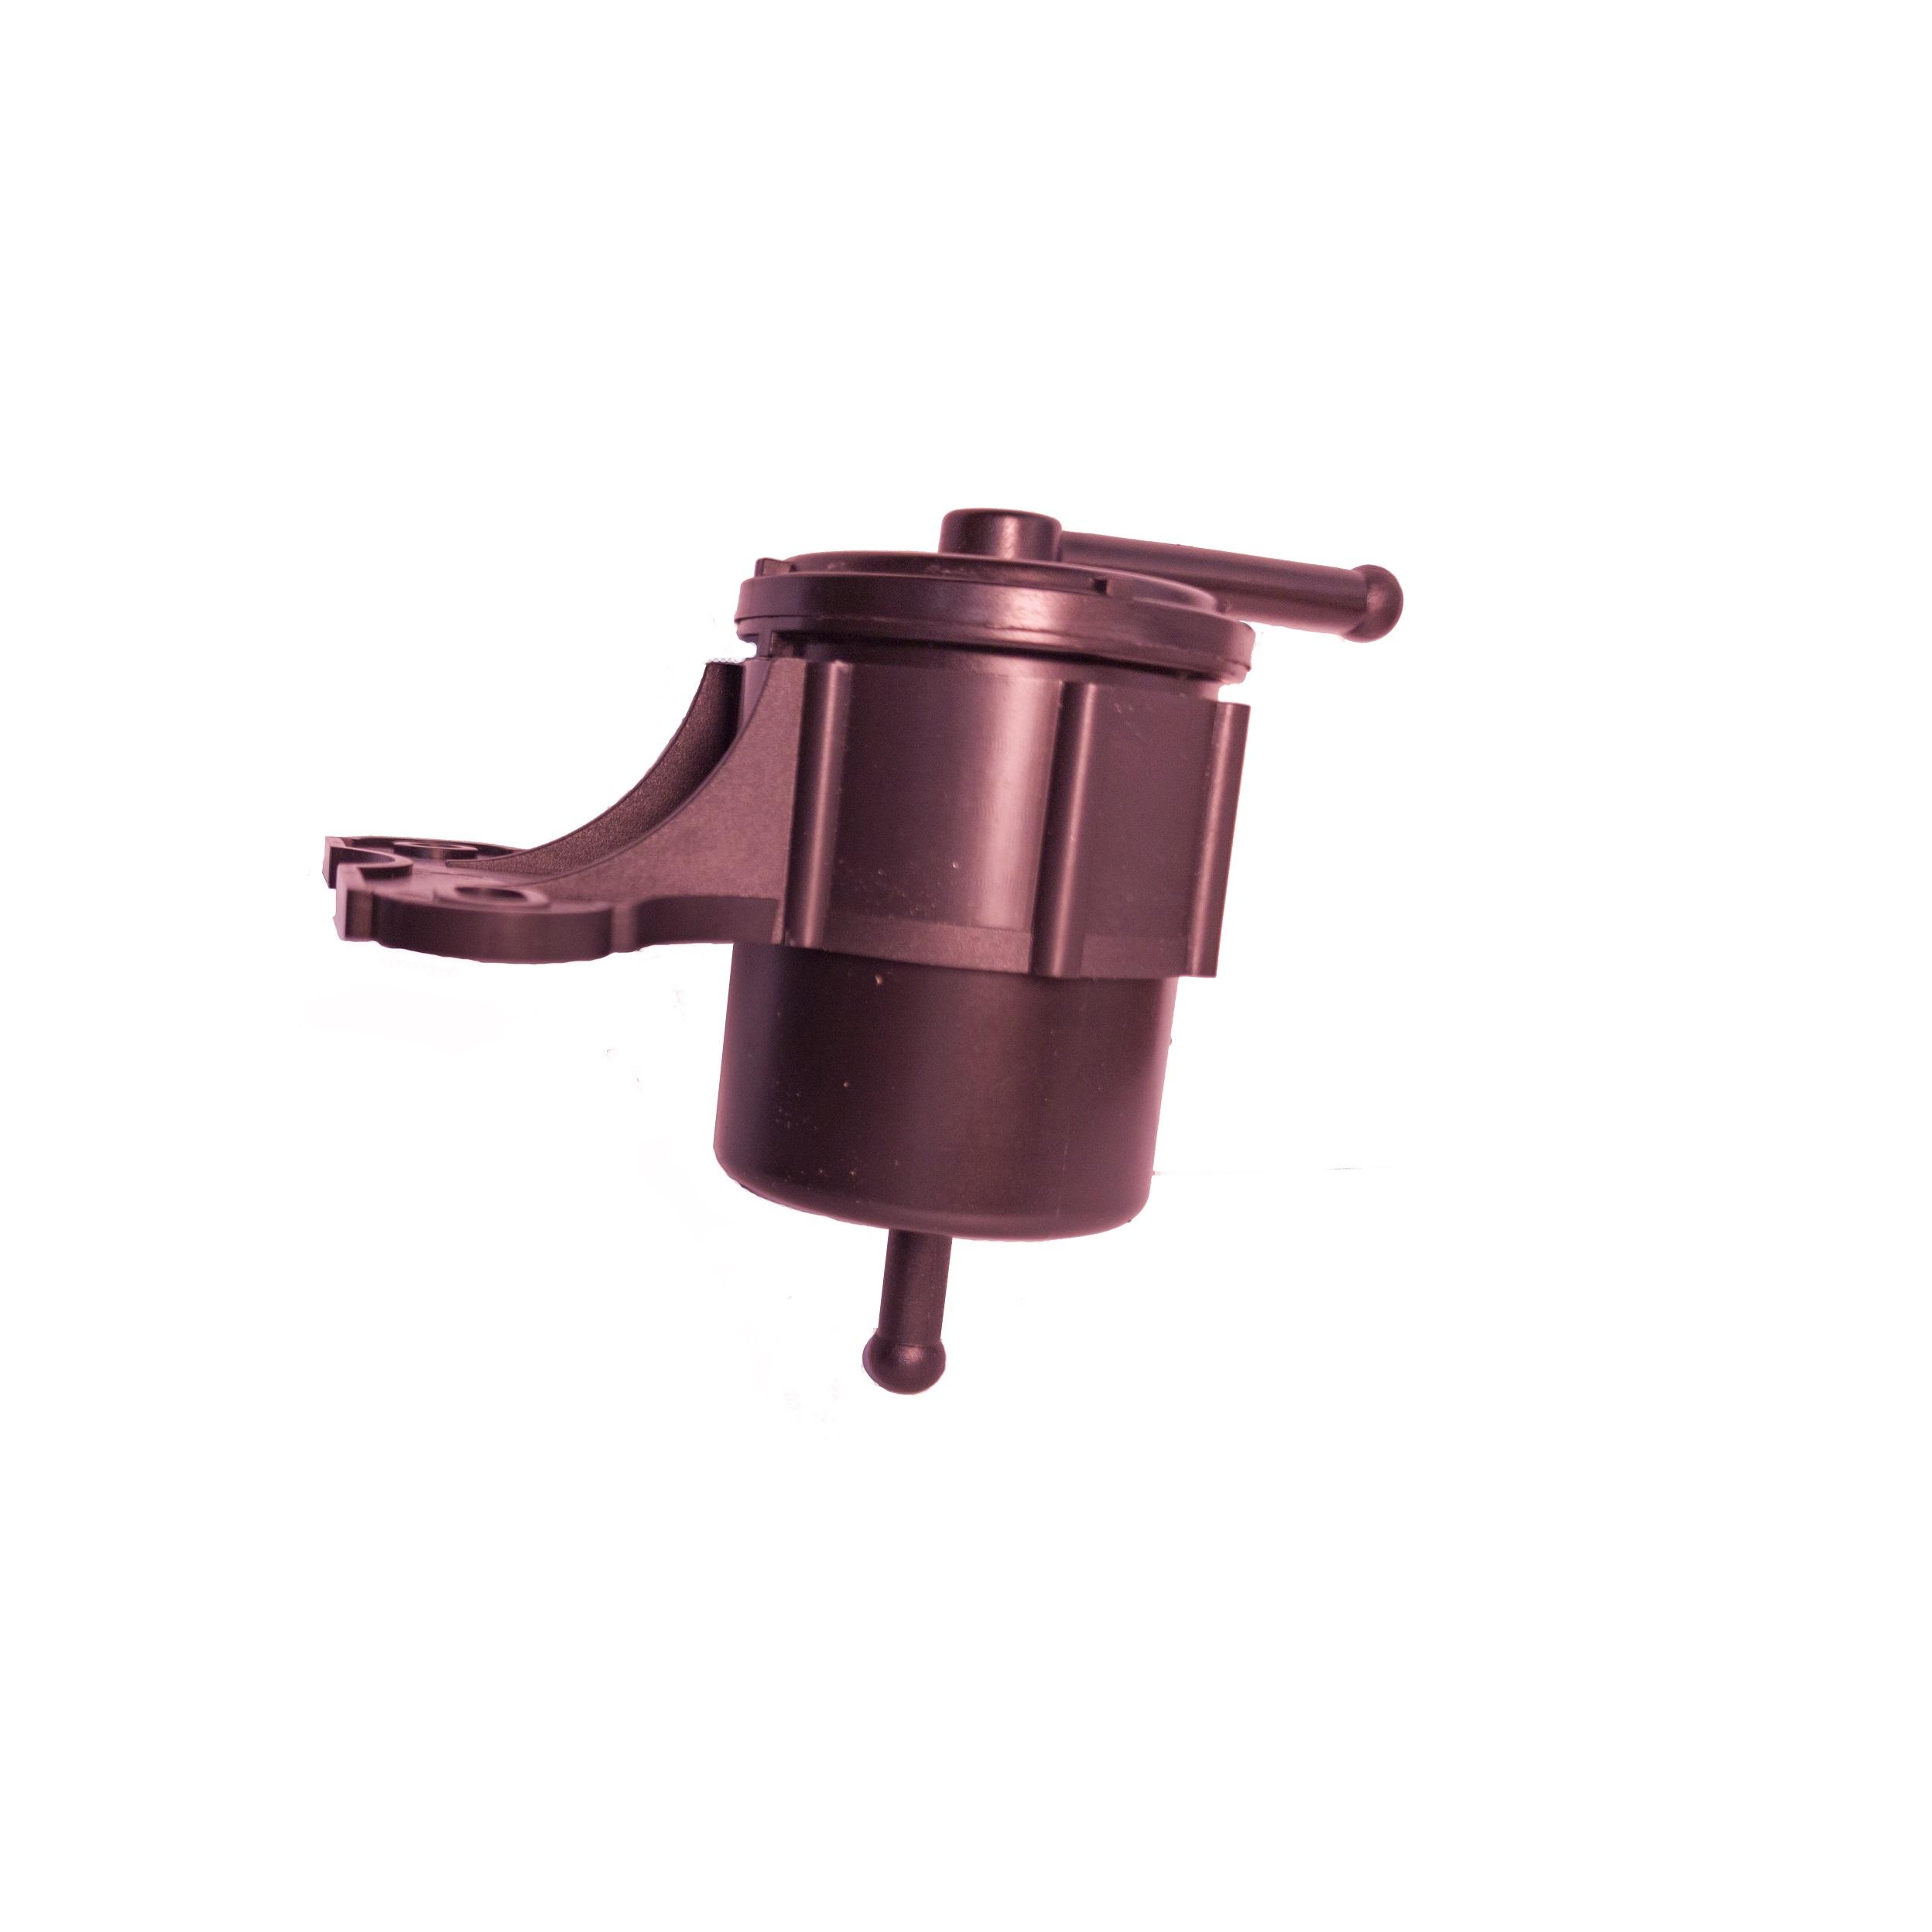 فیلتر بنزین آرون پالاک کد C101 مناسب برای پراید